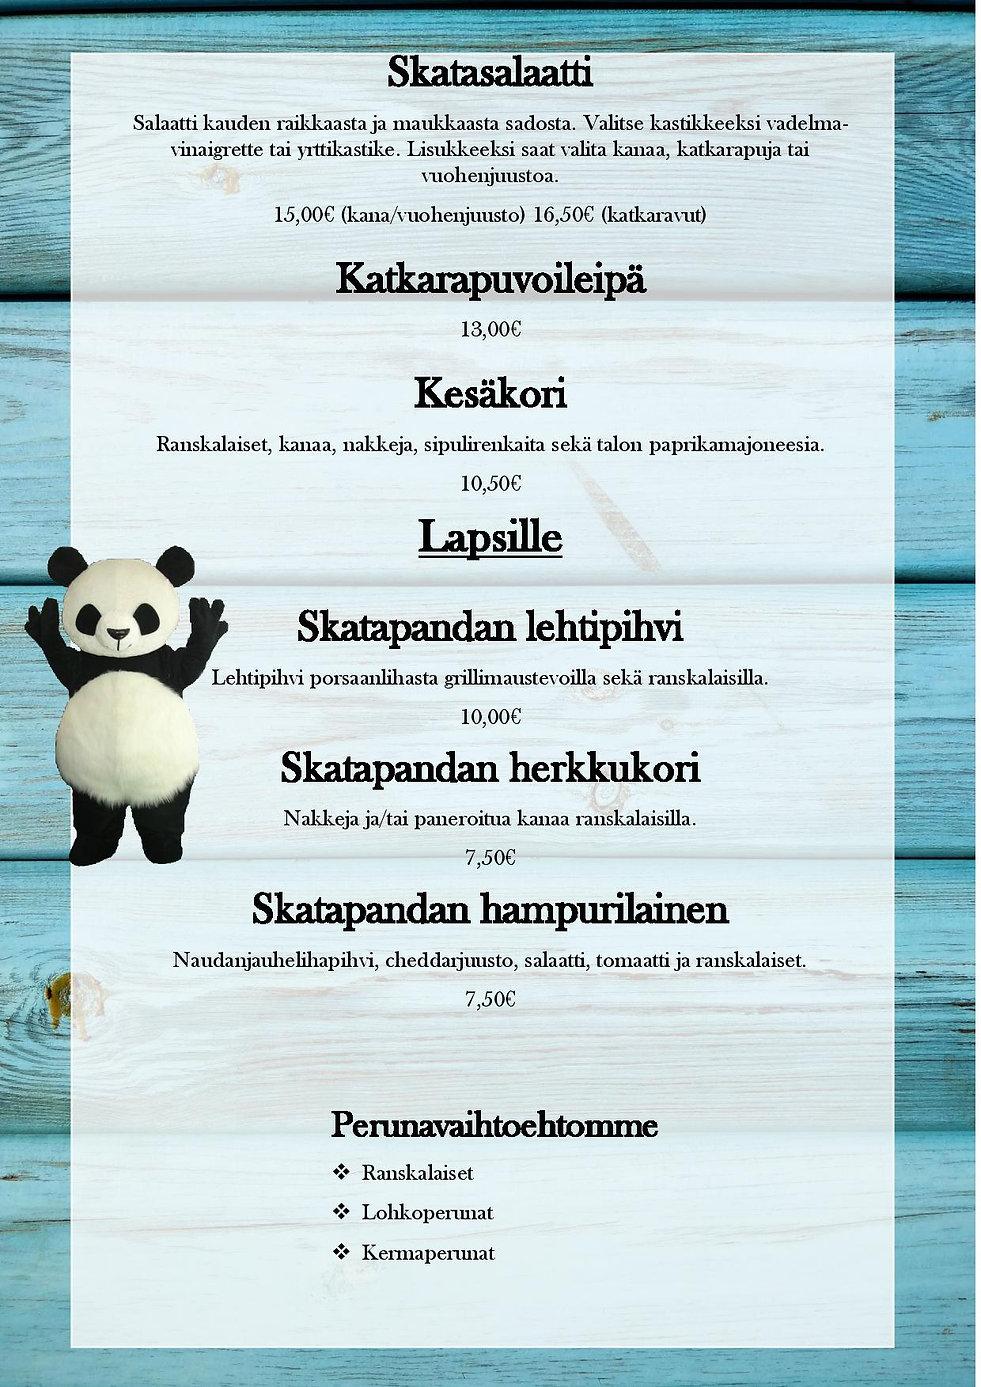 Meny finska-page-002.jpg